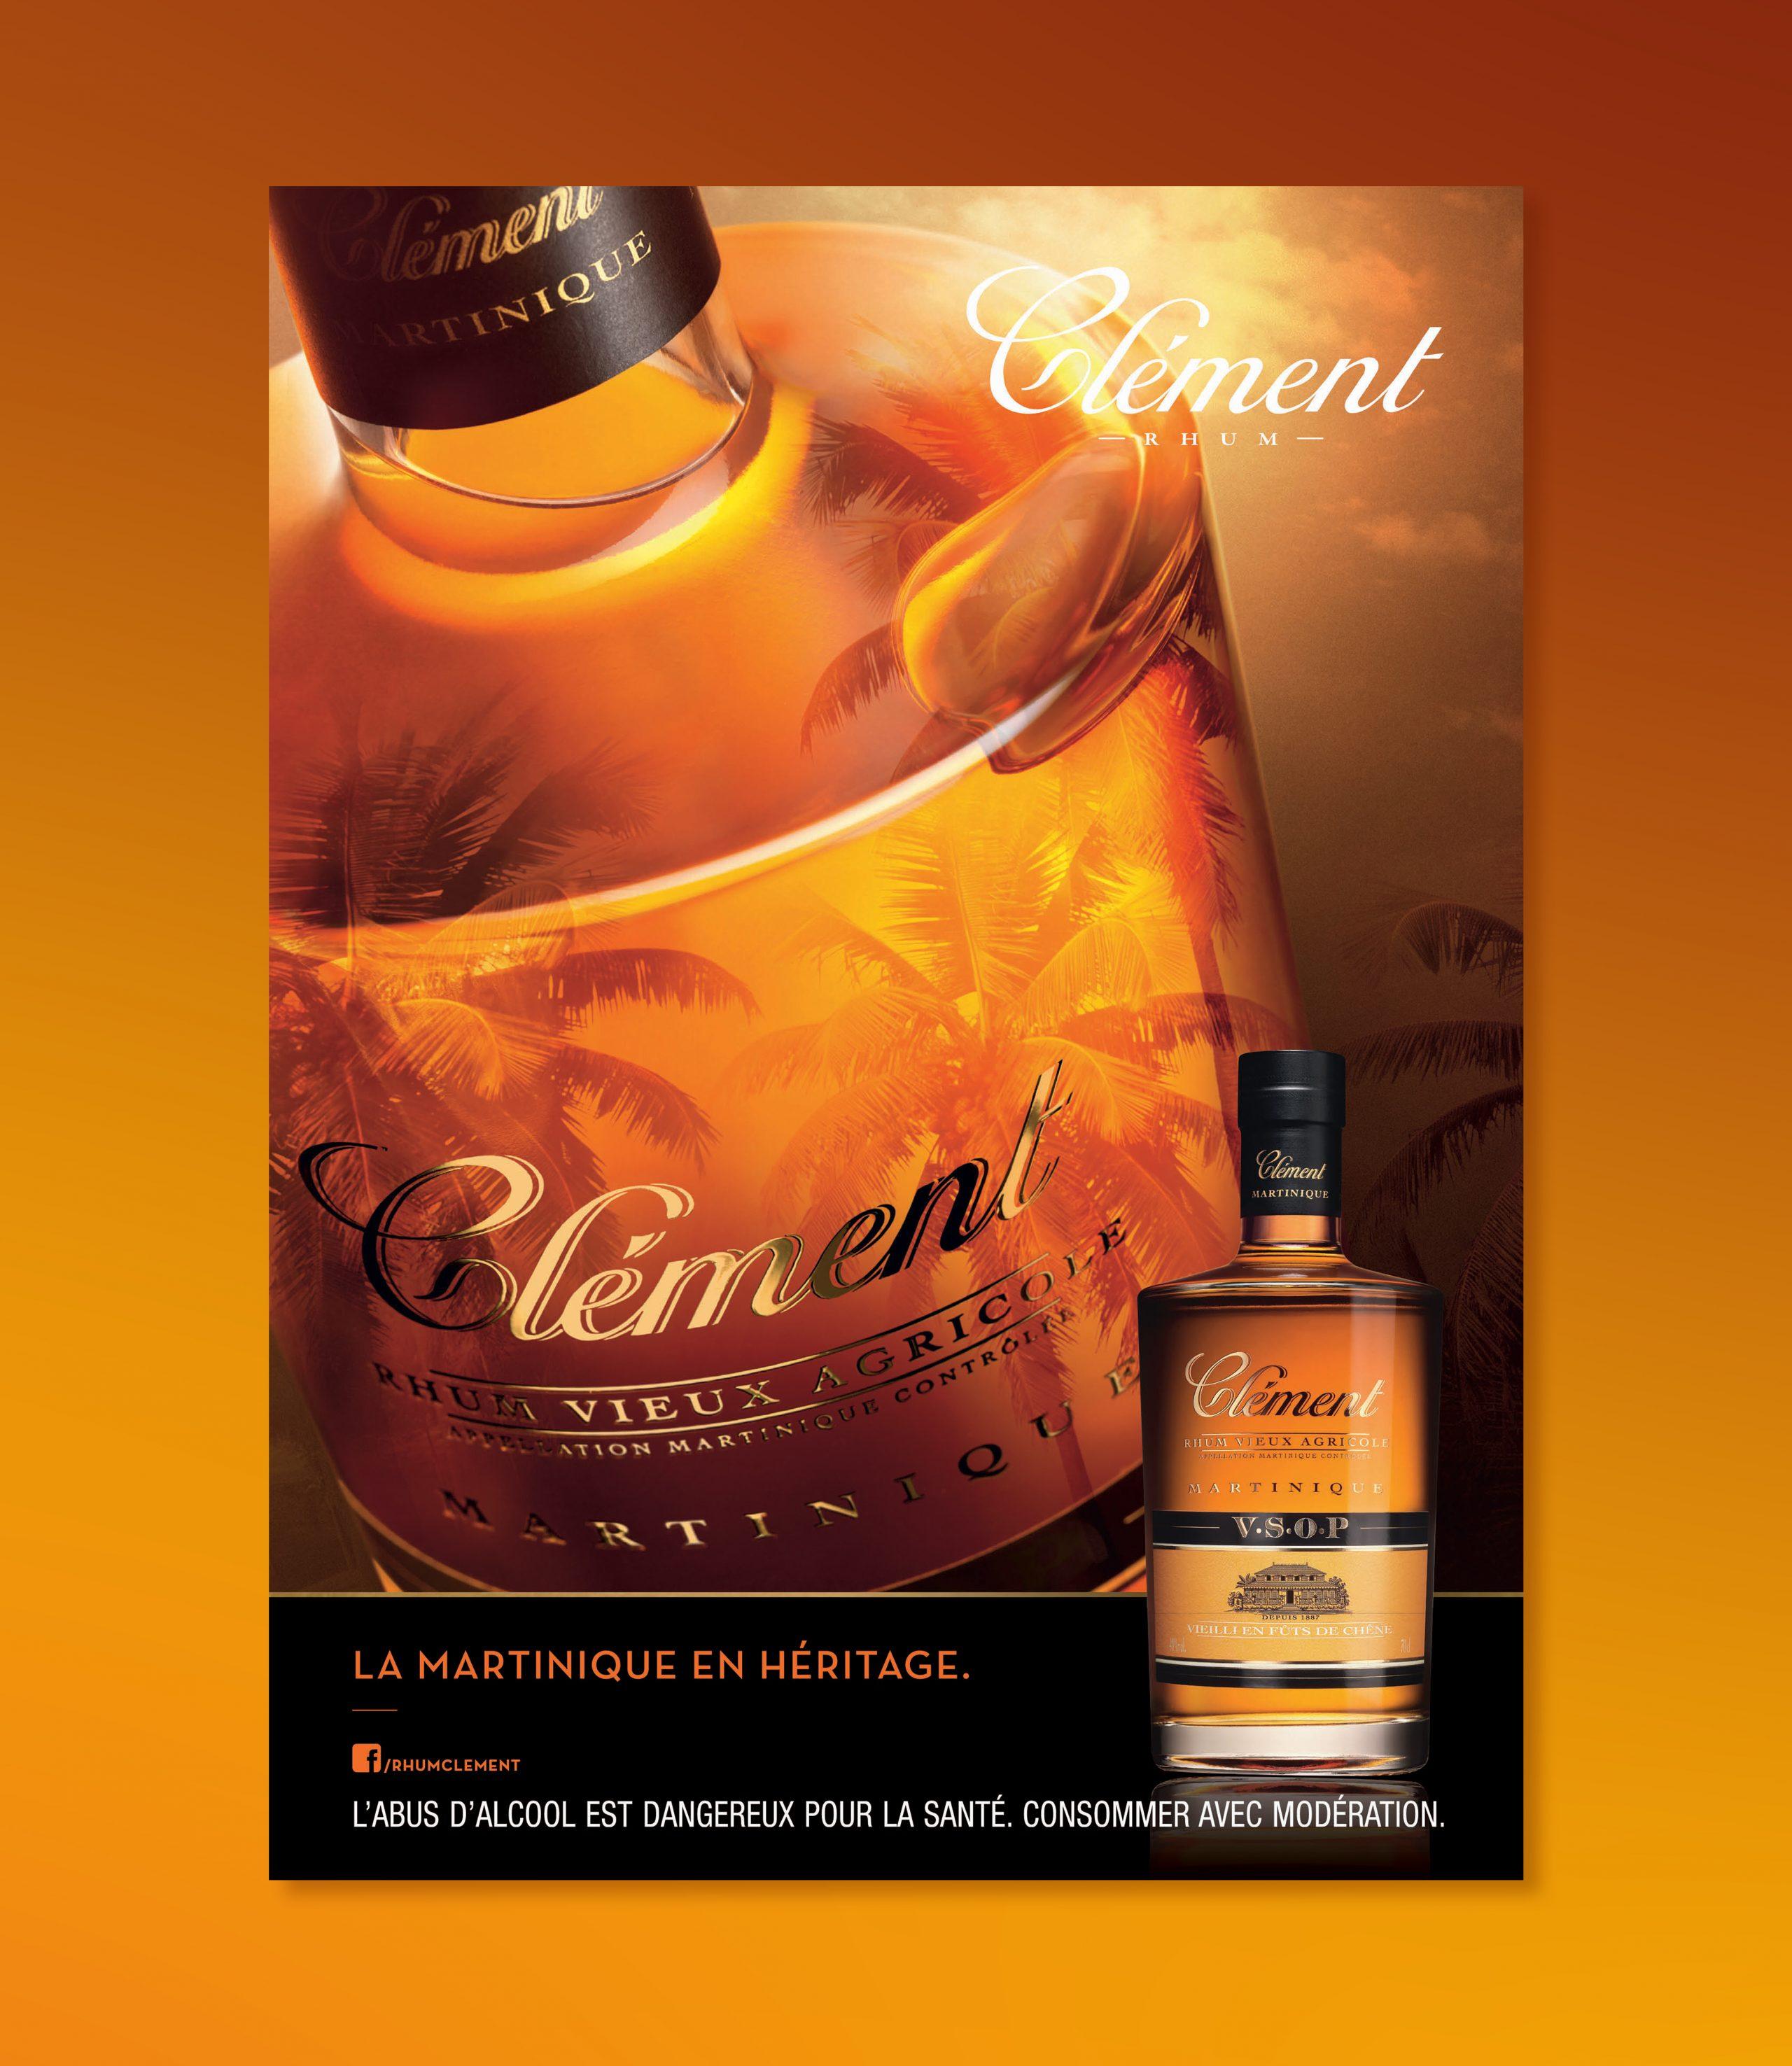 Rhum-Clement-Alcool-Publicite-Affiche